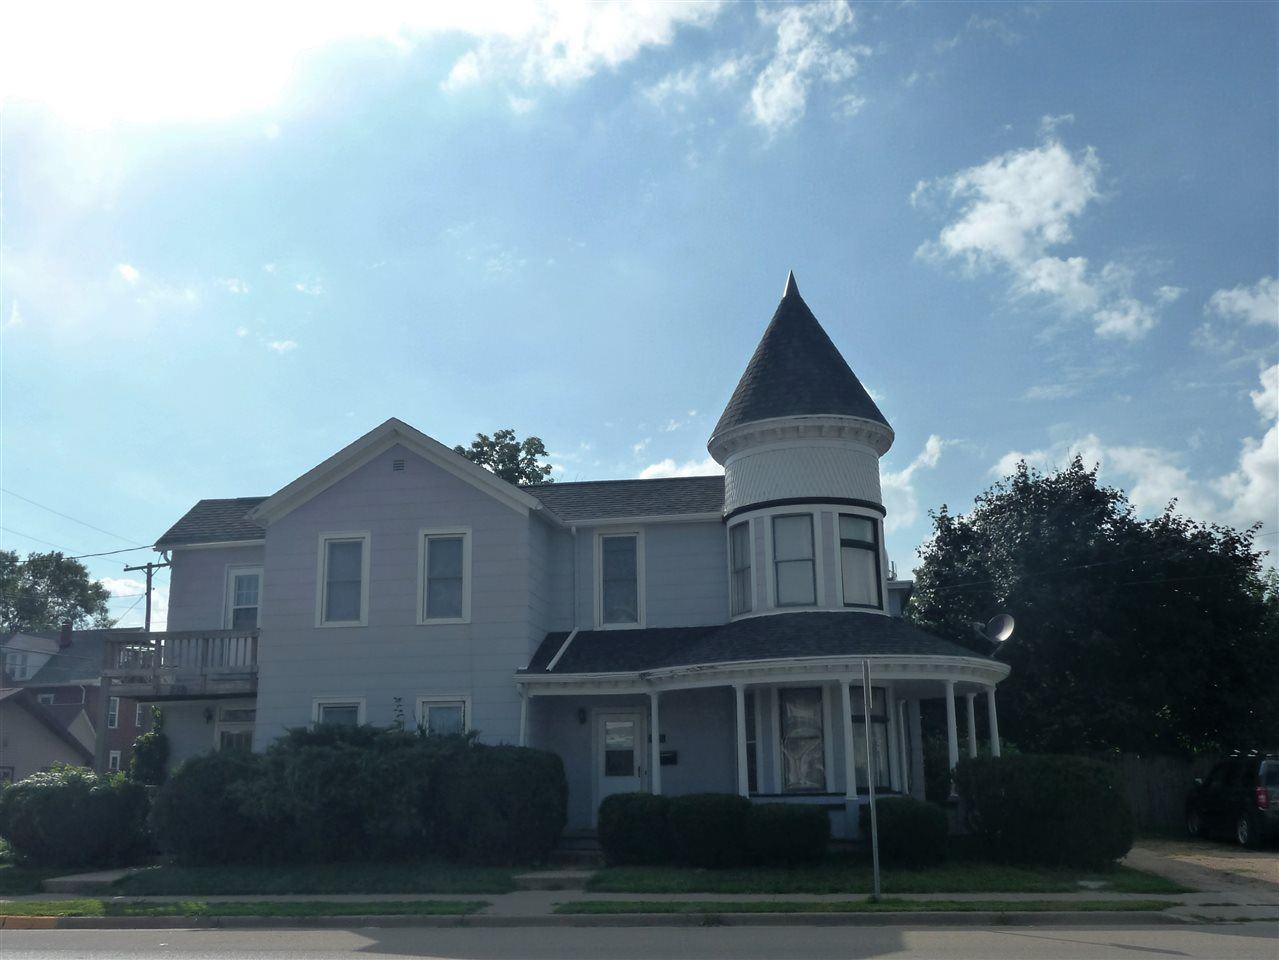 200 N Chestnut St, Platteville, WI 53818 - #: 1922179